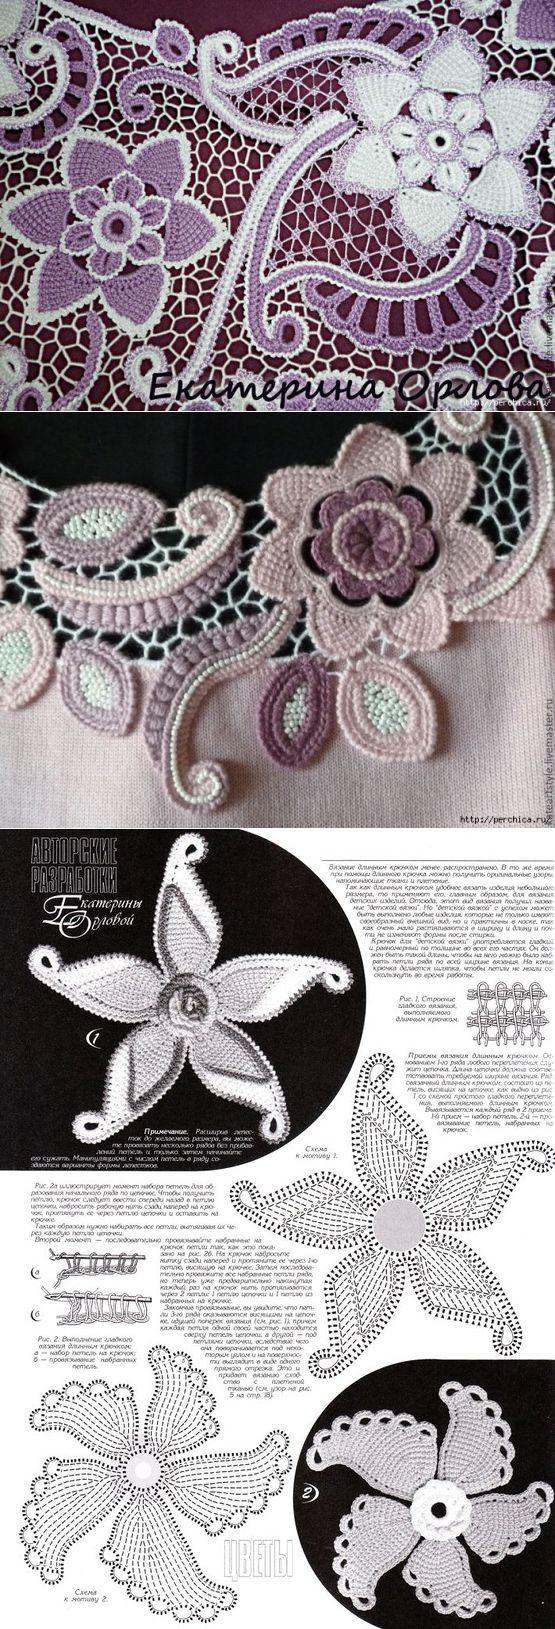 Цветы тунисской техникой в ирландском вязании - схемы | Ирландское кружево. | Постила